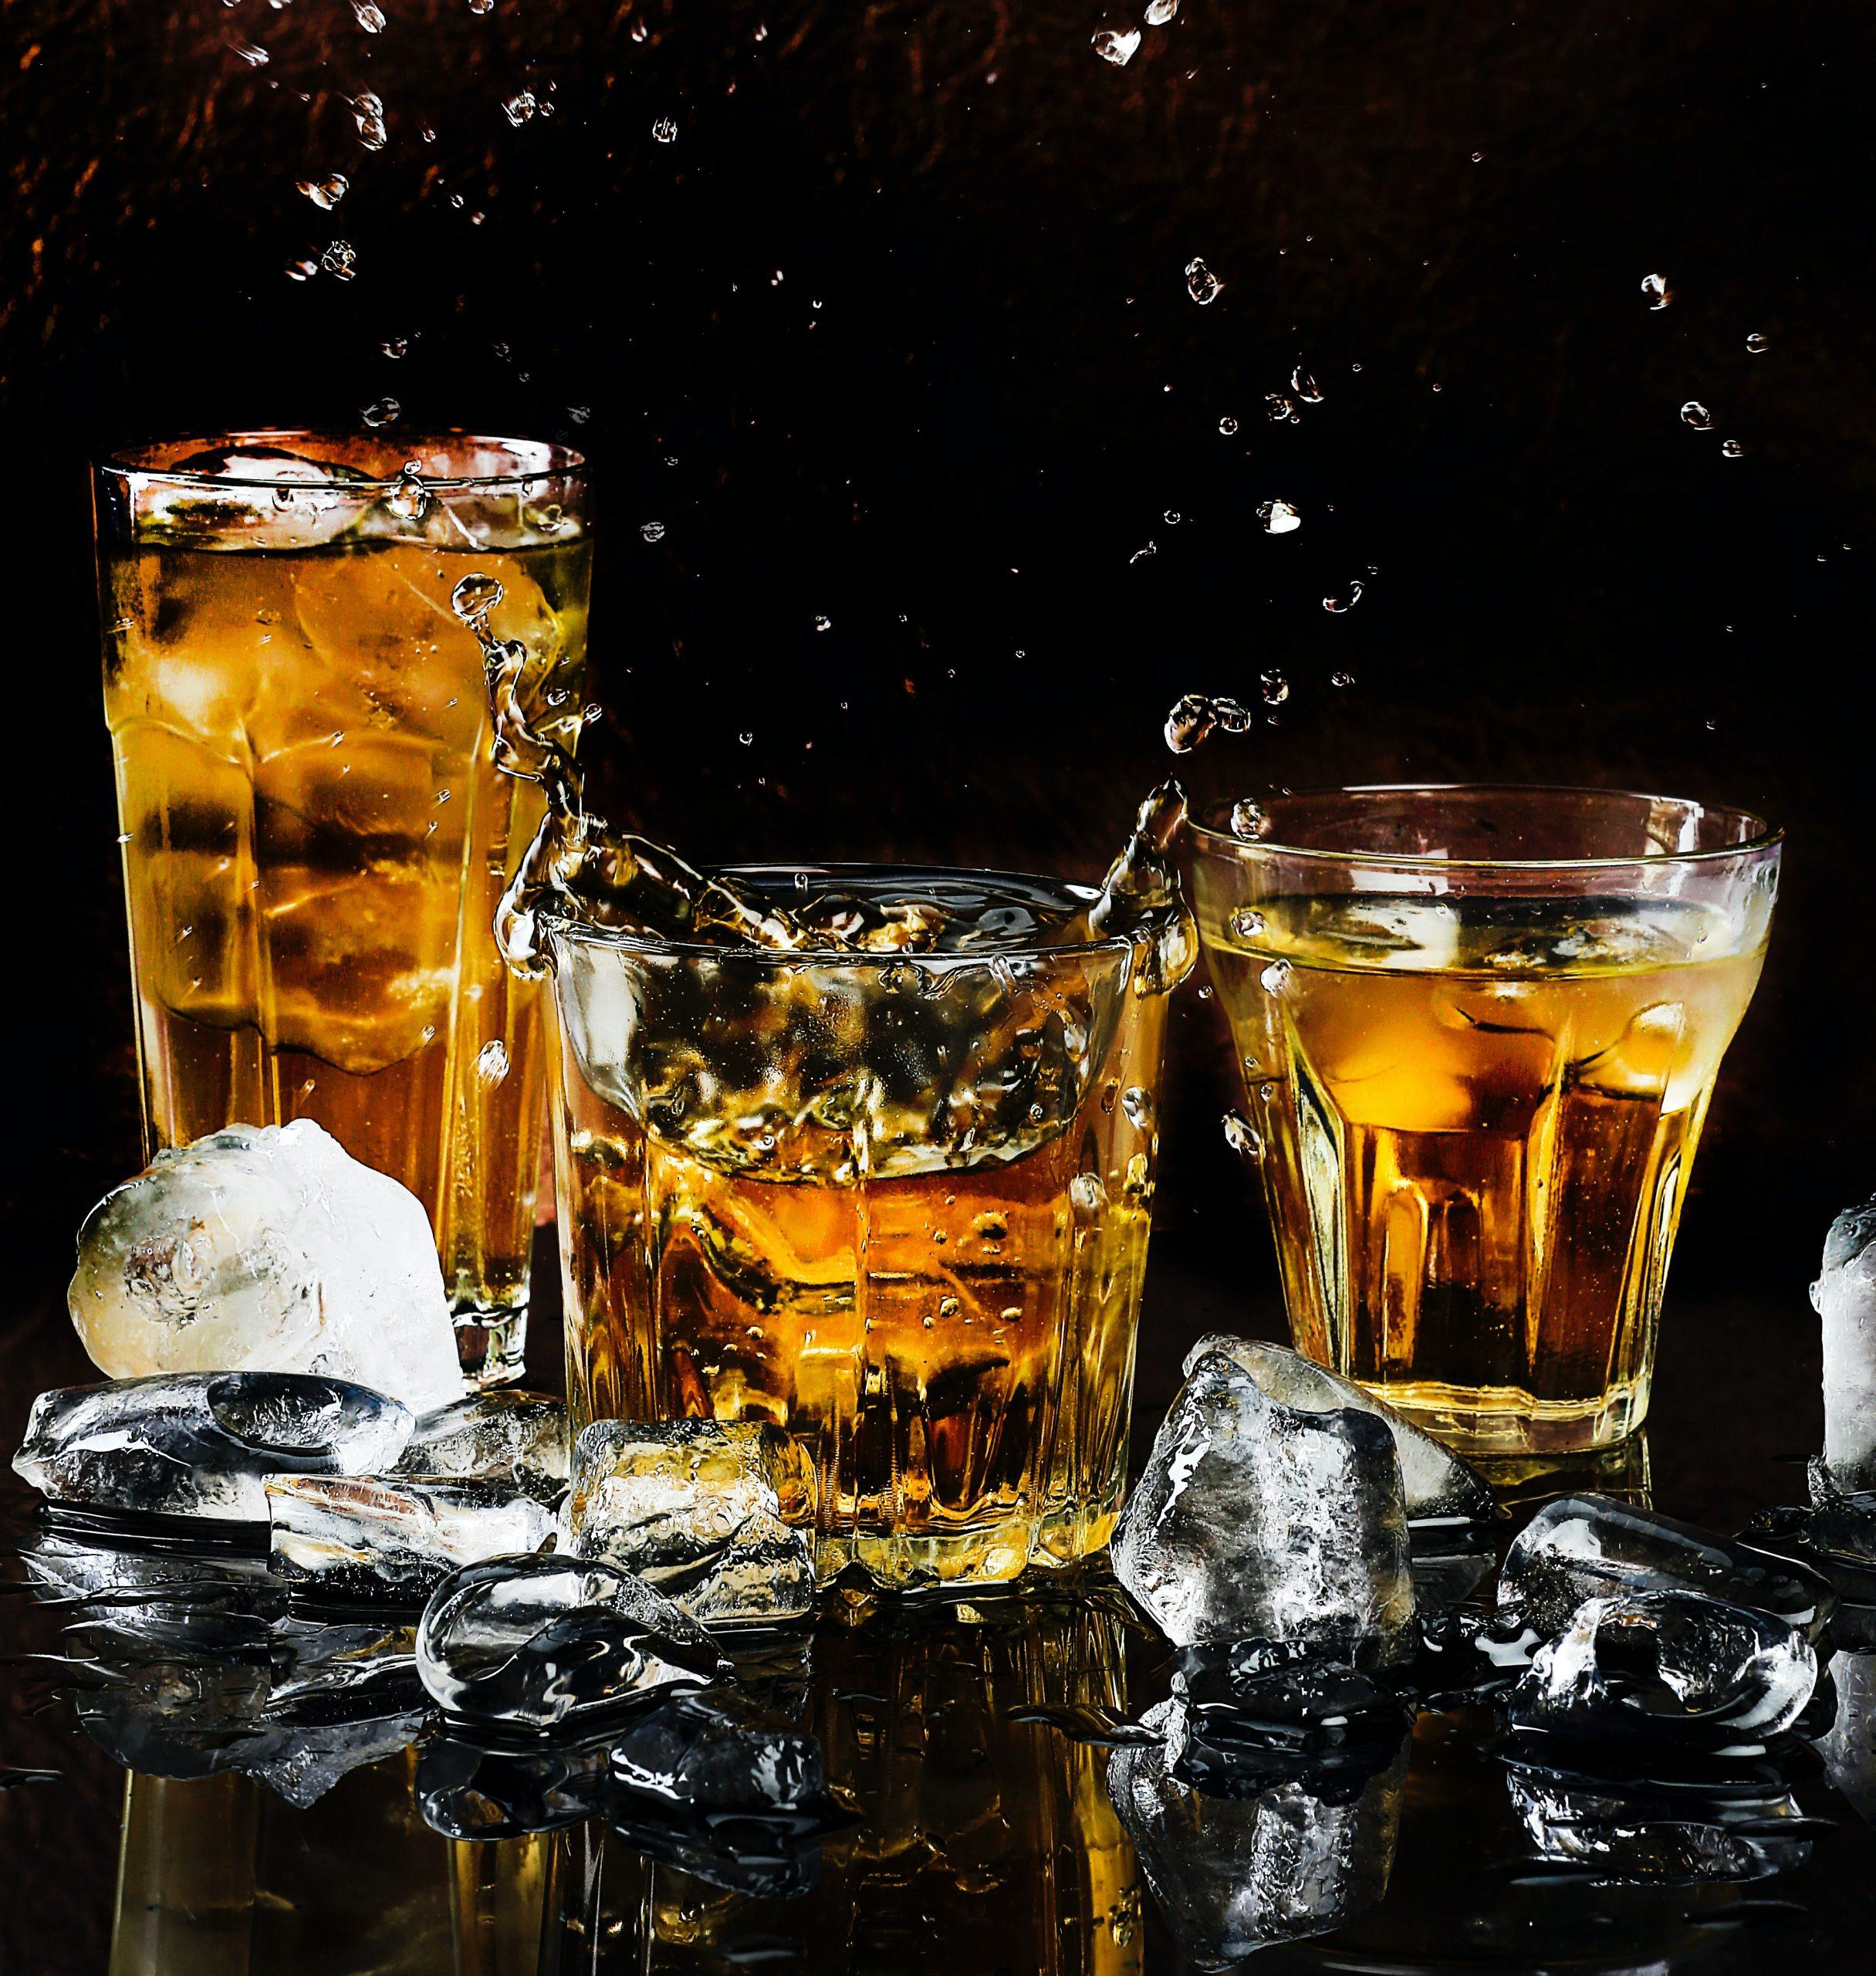 Imagem mostra um copo preenchido com bebida e pedras de gelo